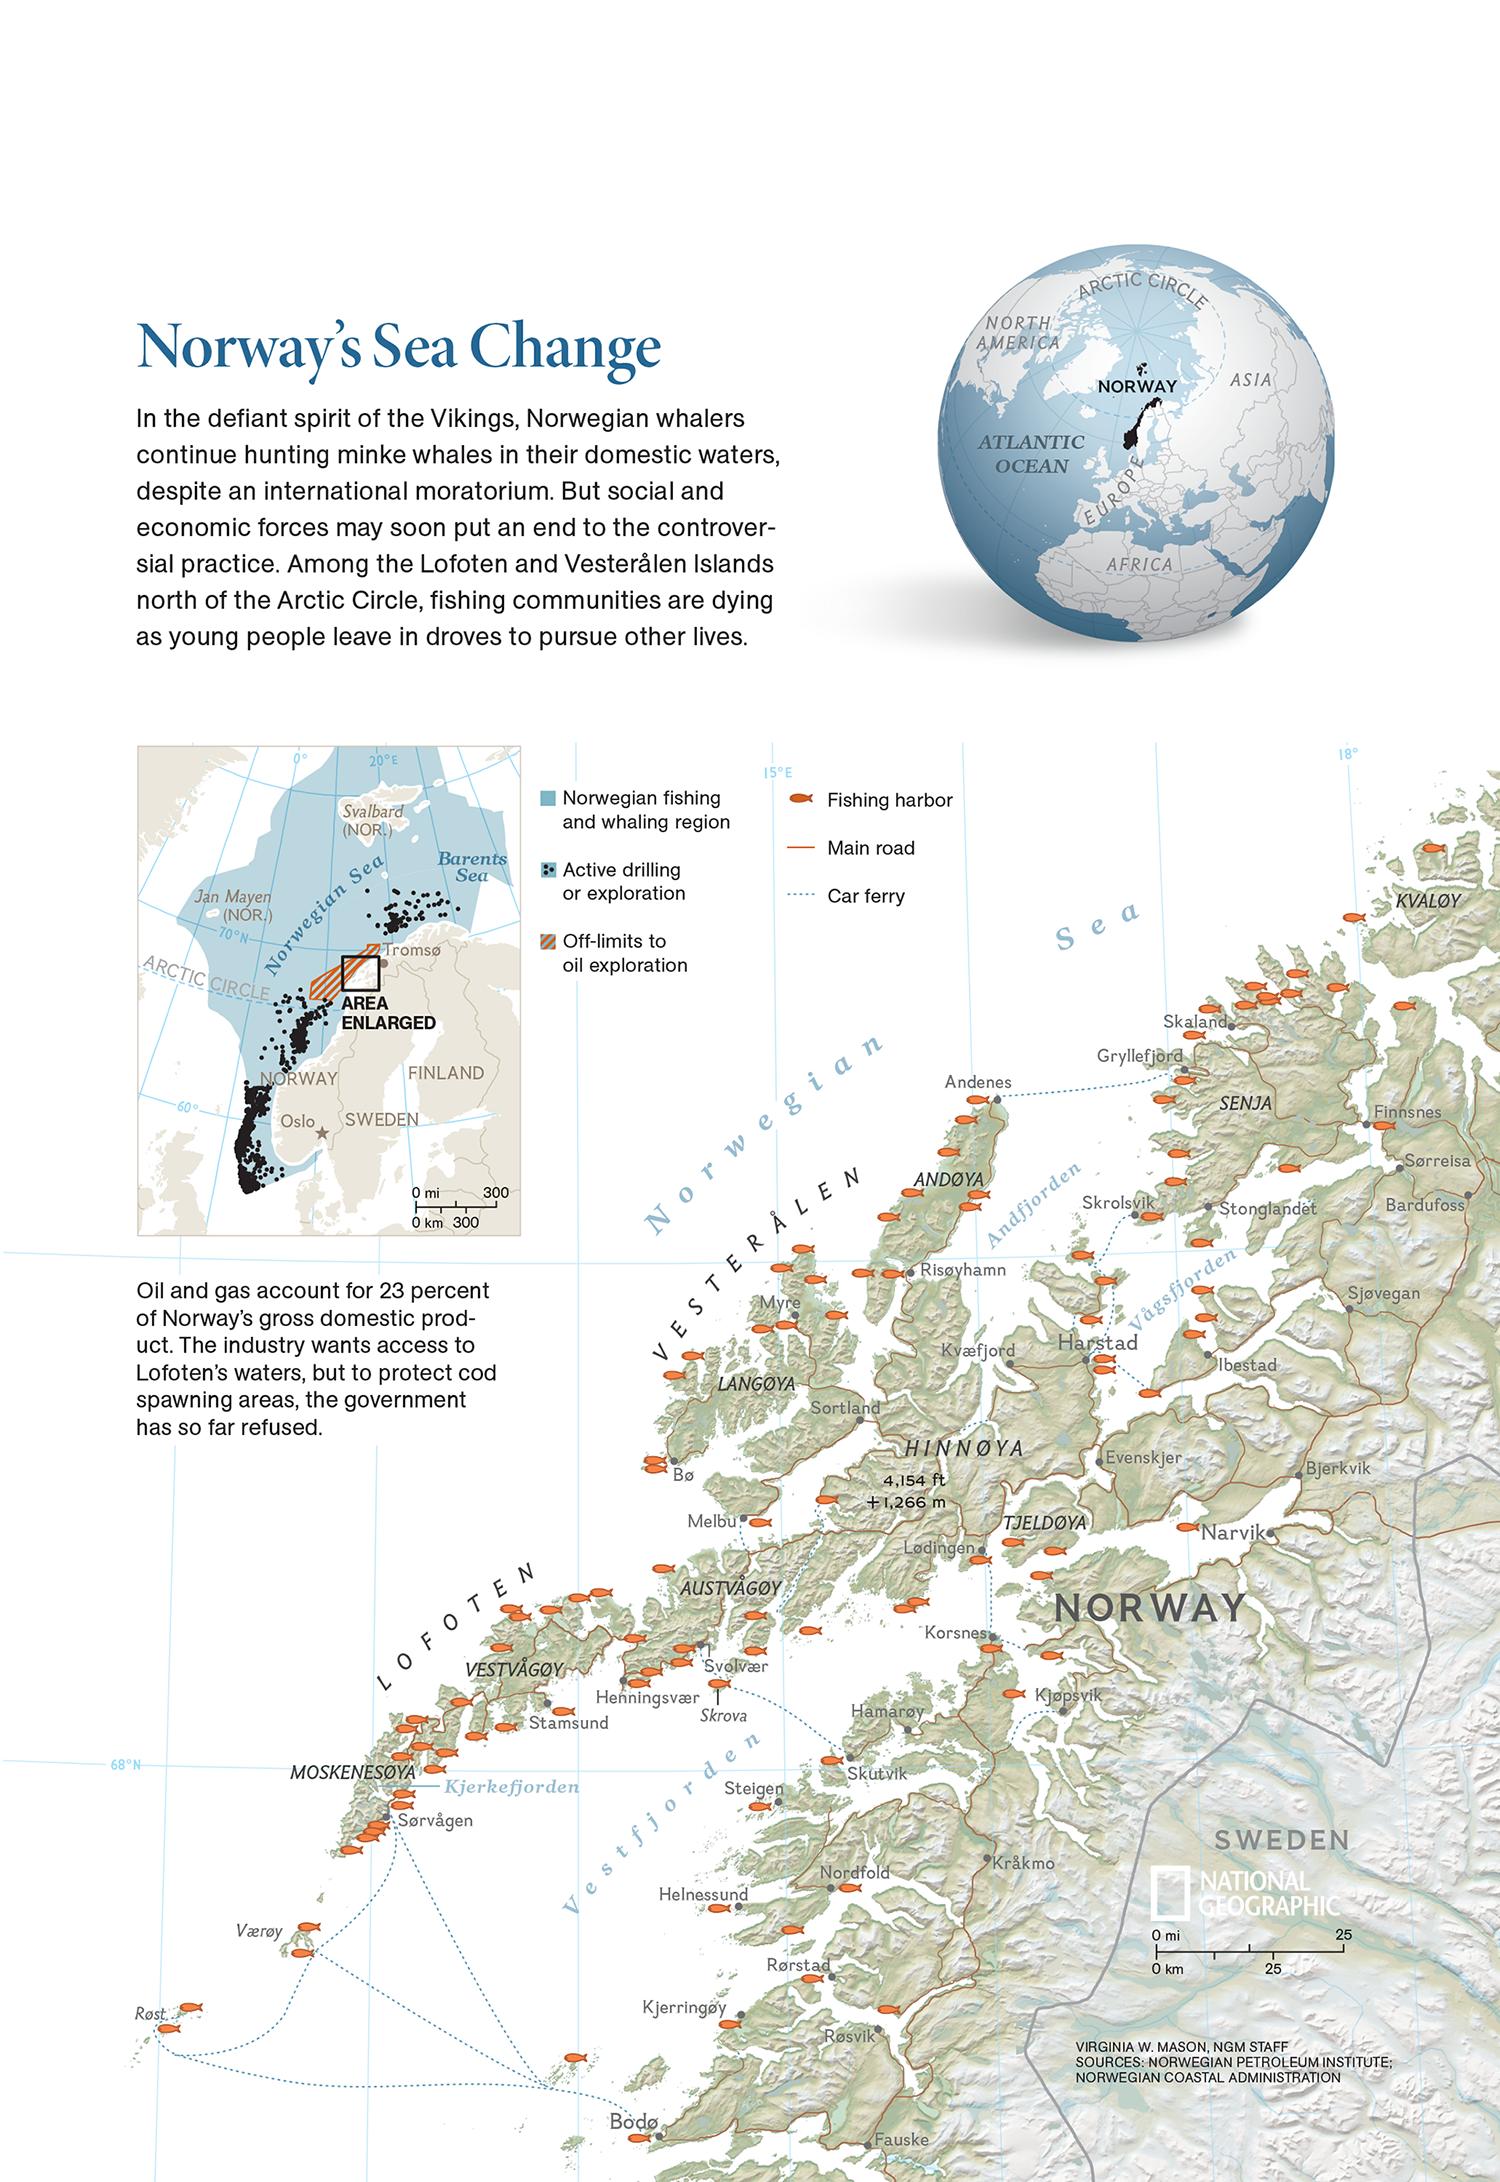 Norway's Sea Change